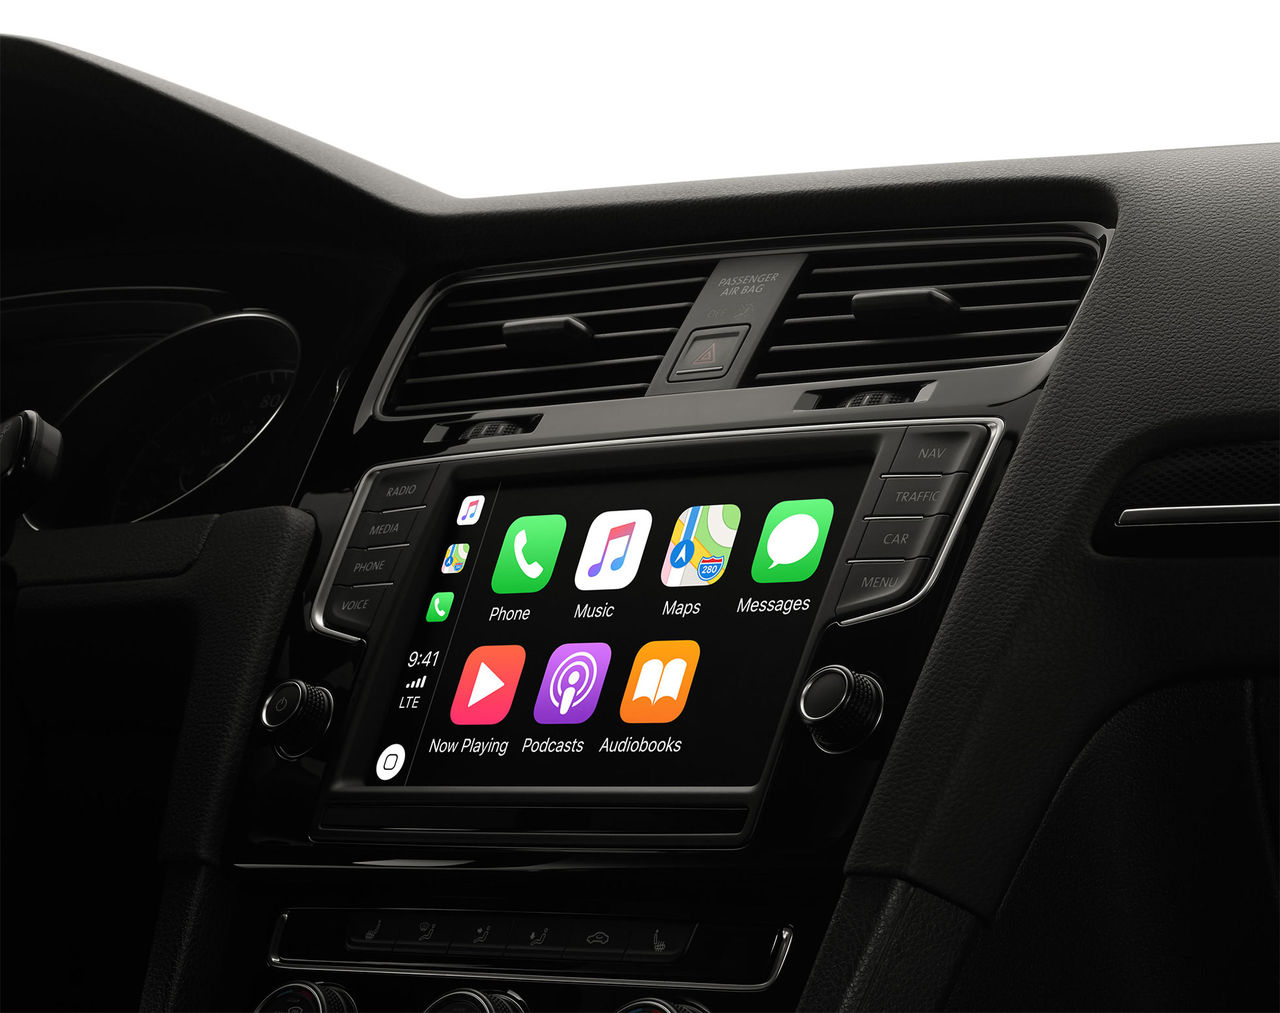 Sveriges Radio Play får stöd för Carplay!